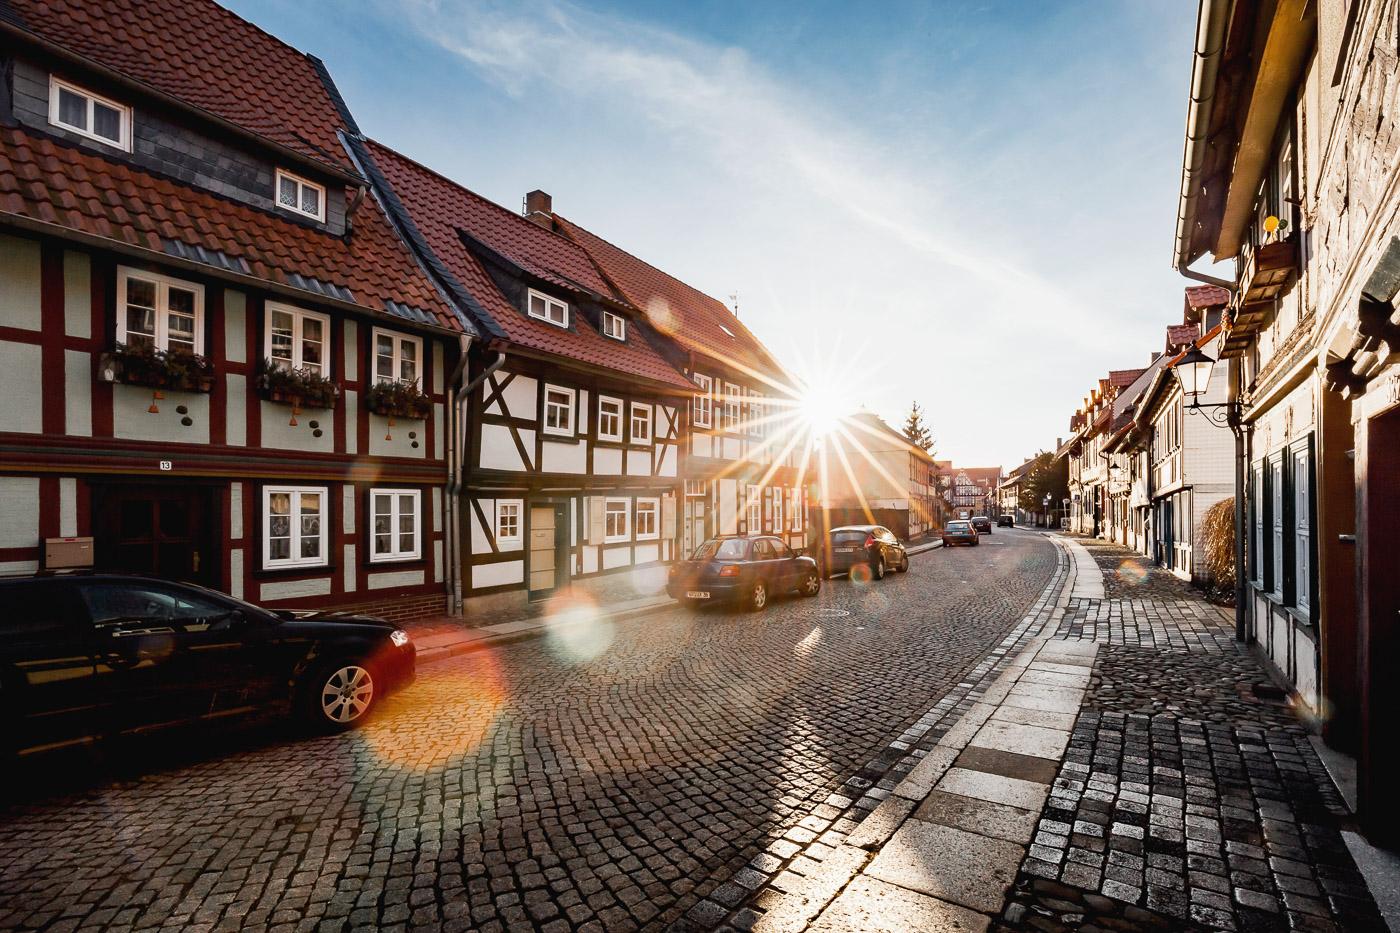 Fachwerkhäuser in Wernigerode im Harz